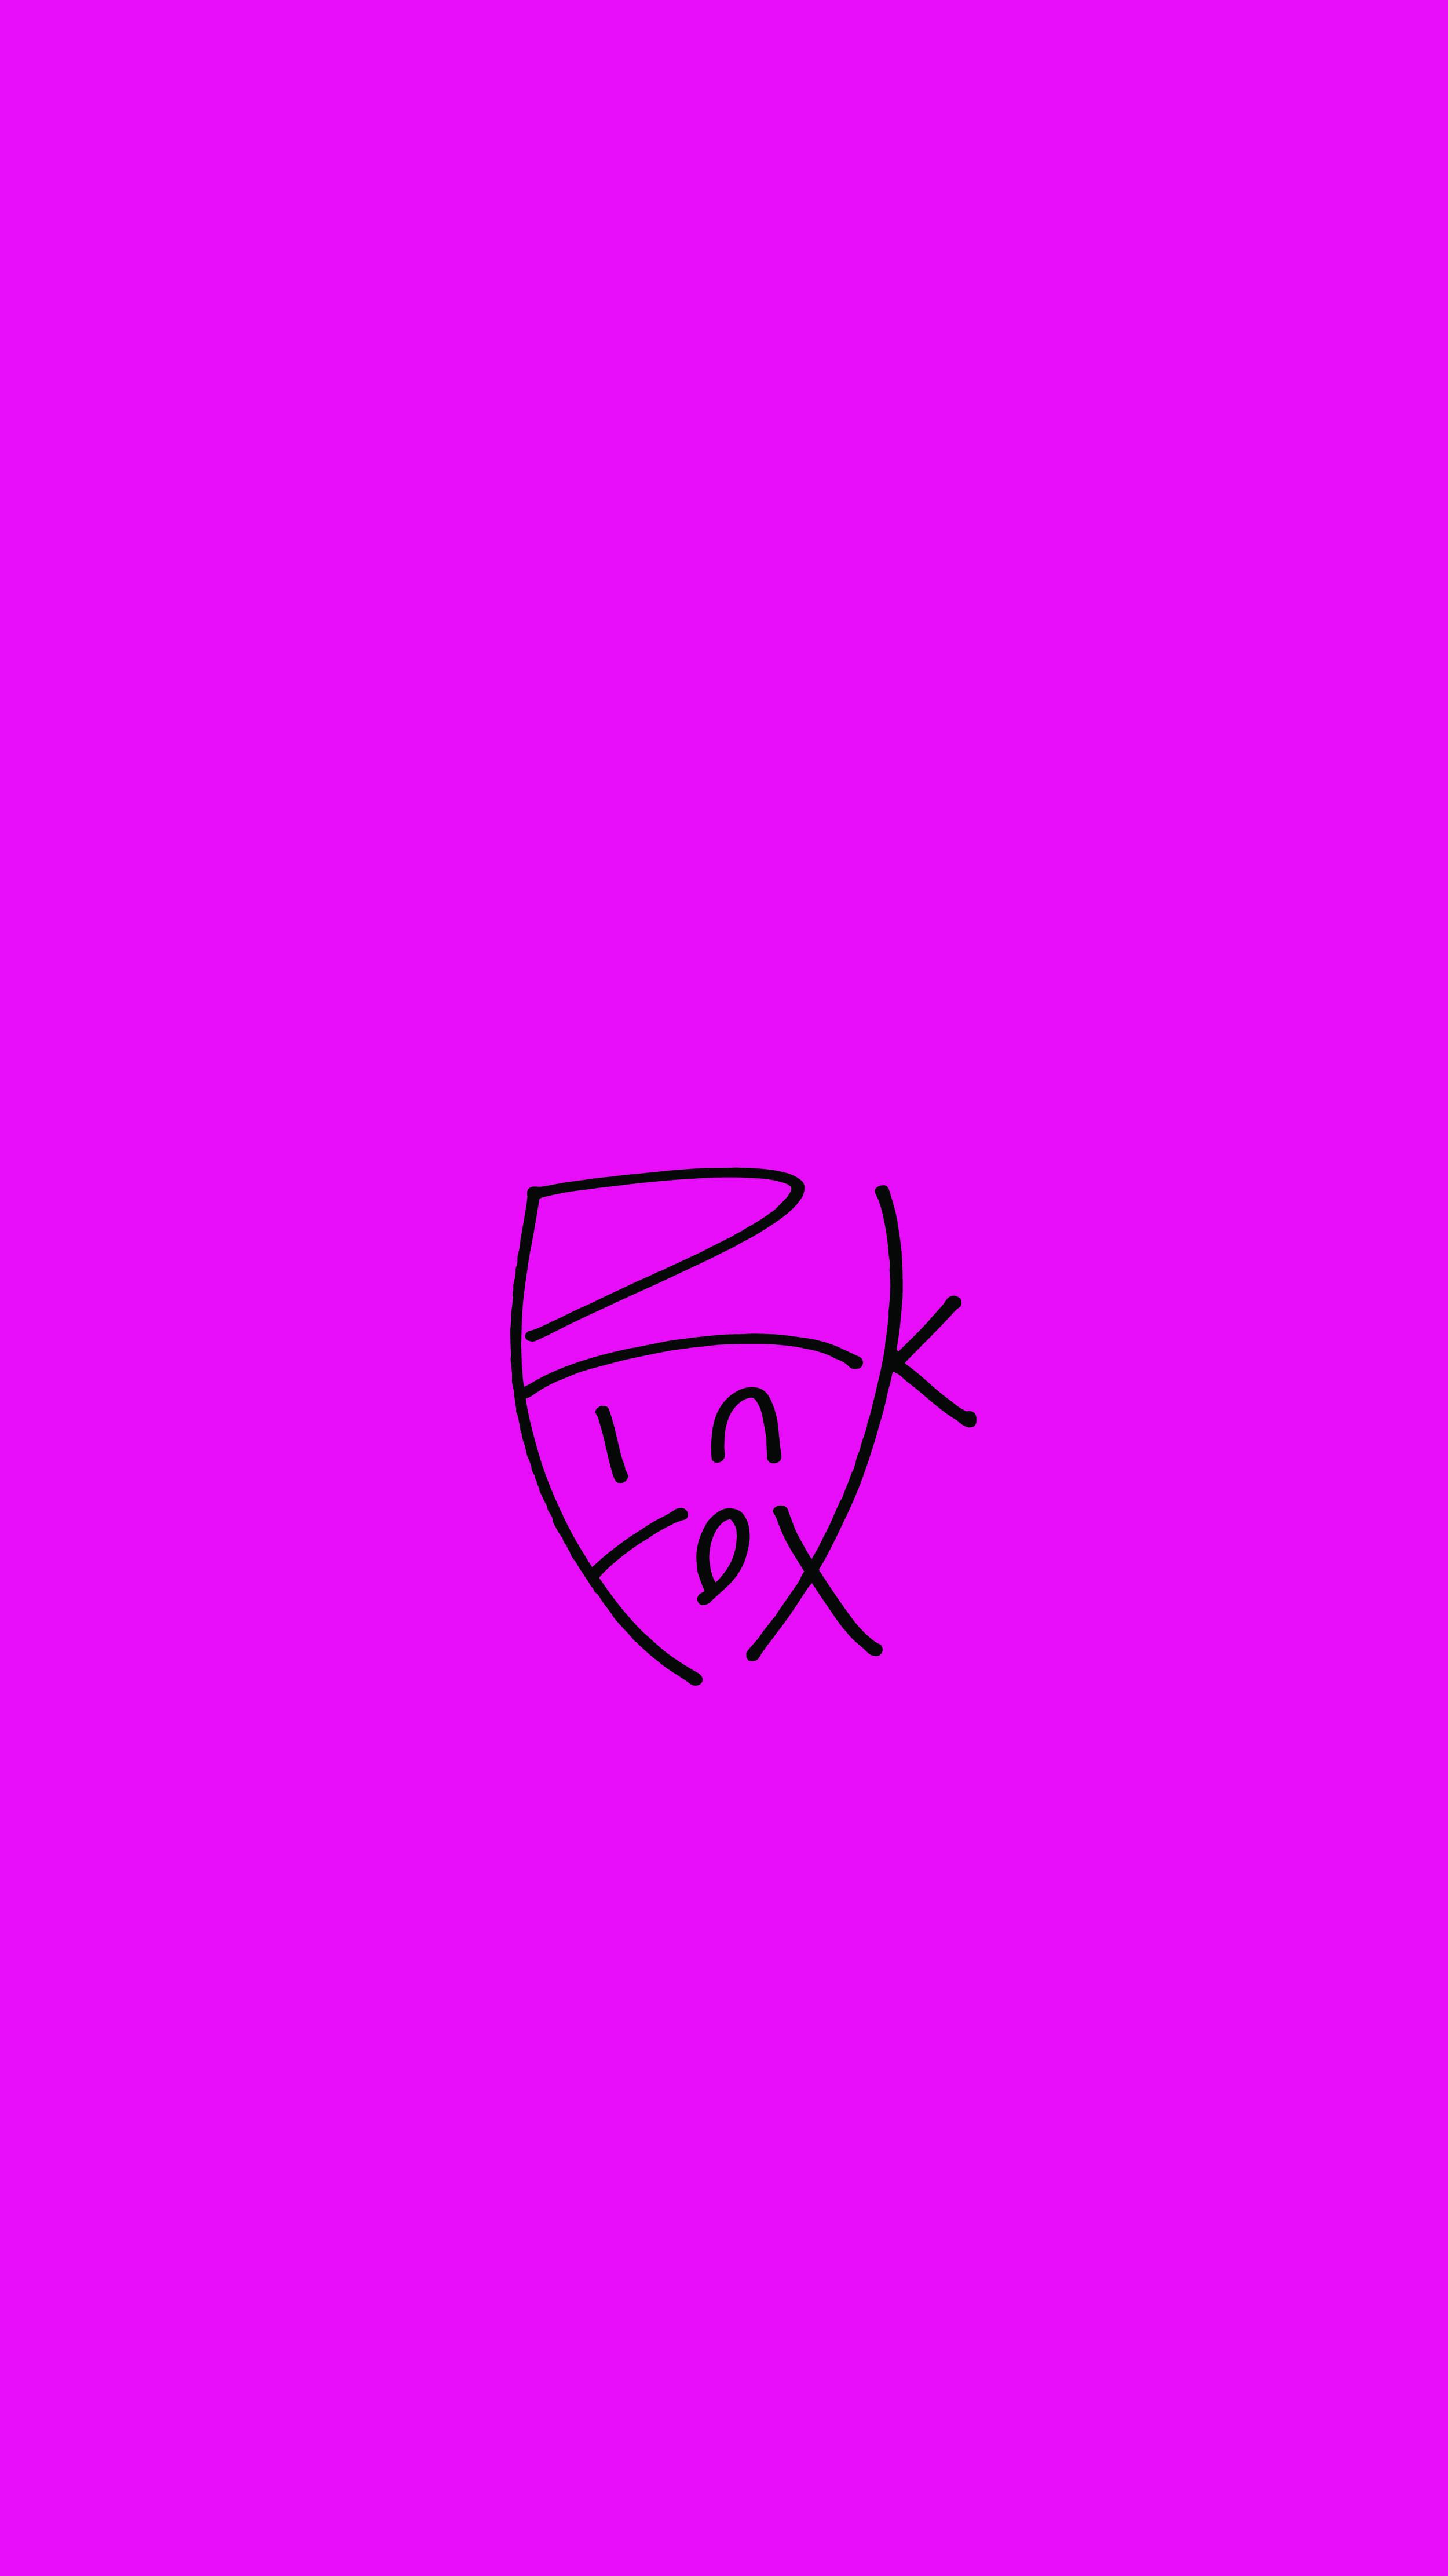 iPhone 8 BG - Basic Pink Black.jpg